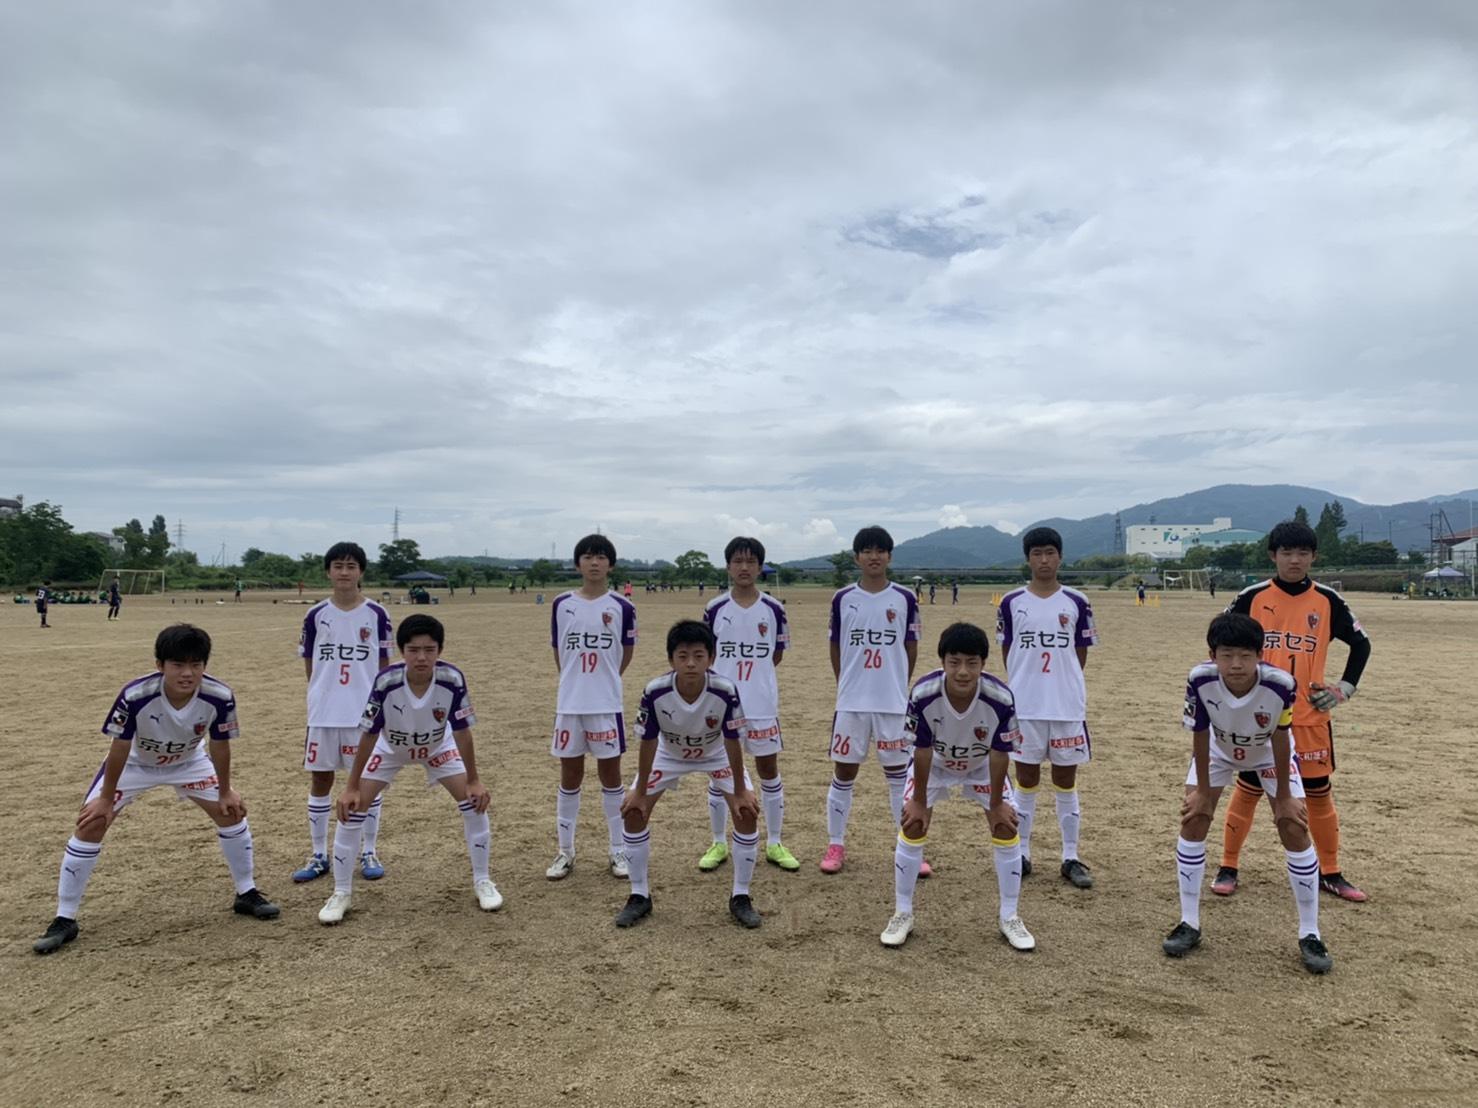 【U-15】高円宮杯JFA U-15サッカーリーグ滋賀2021 2部リーグ第11節